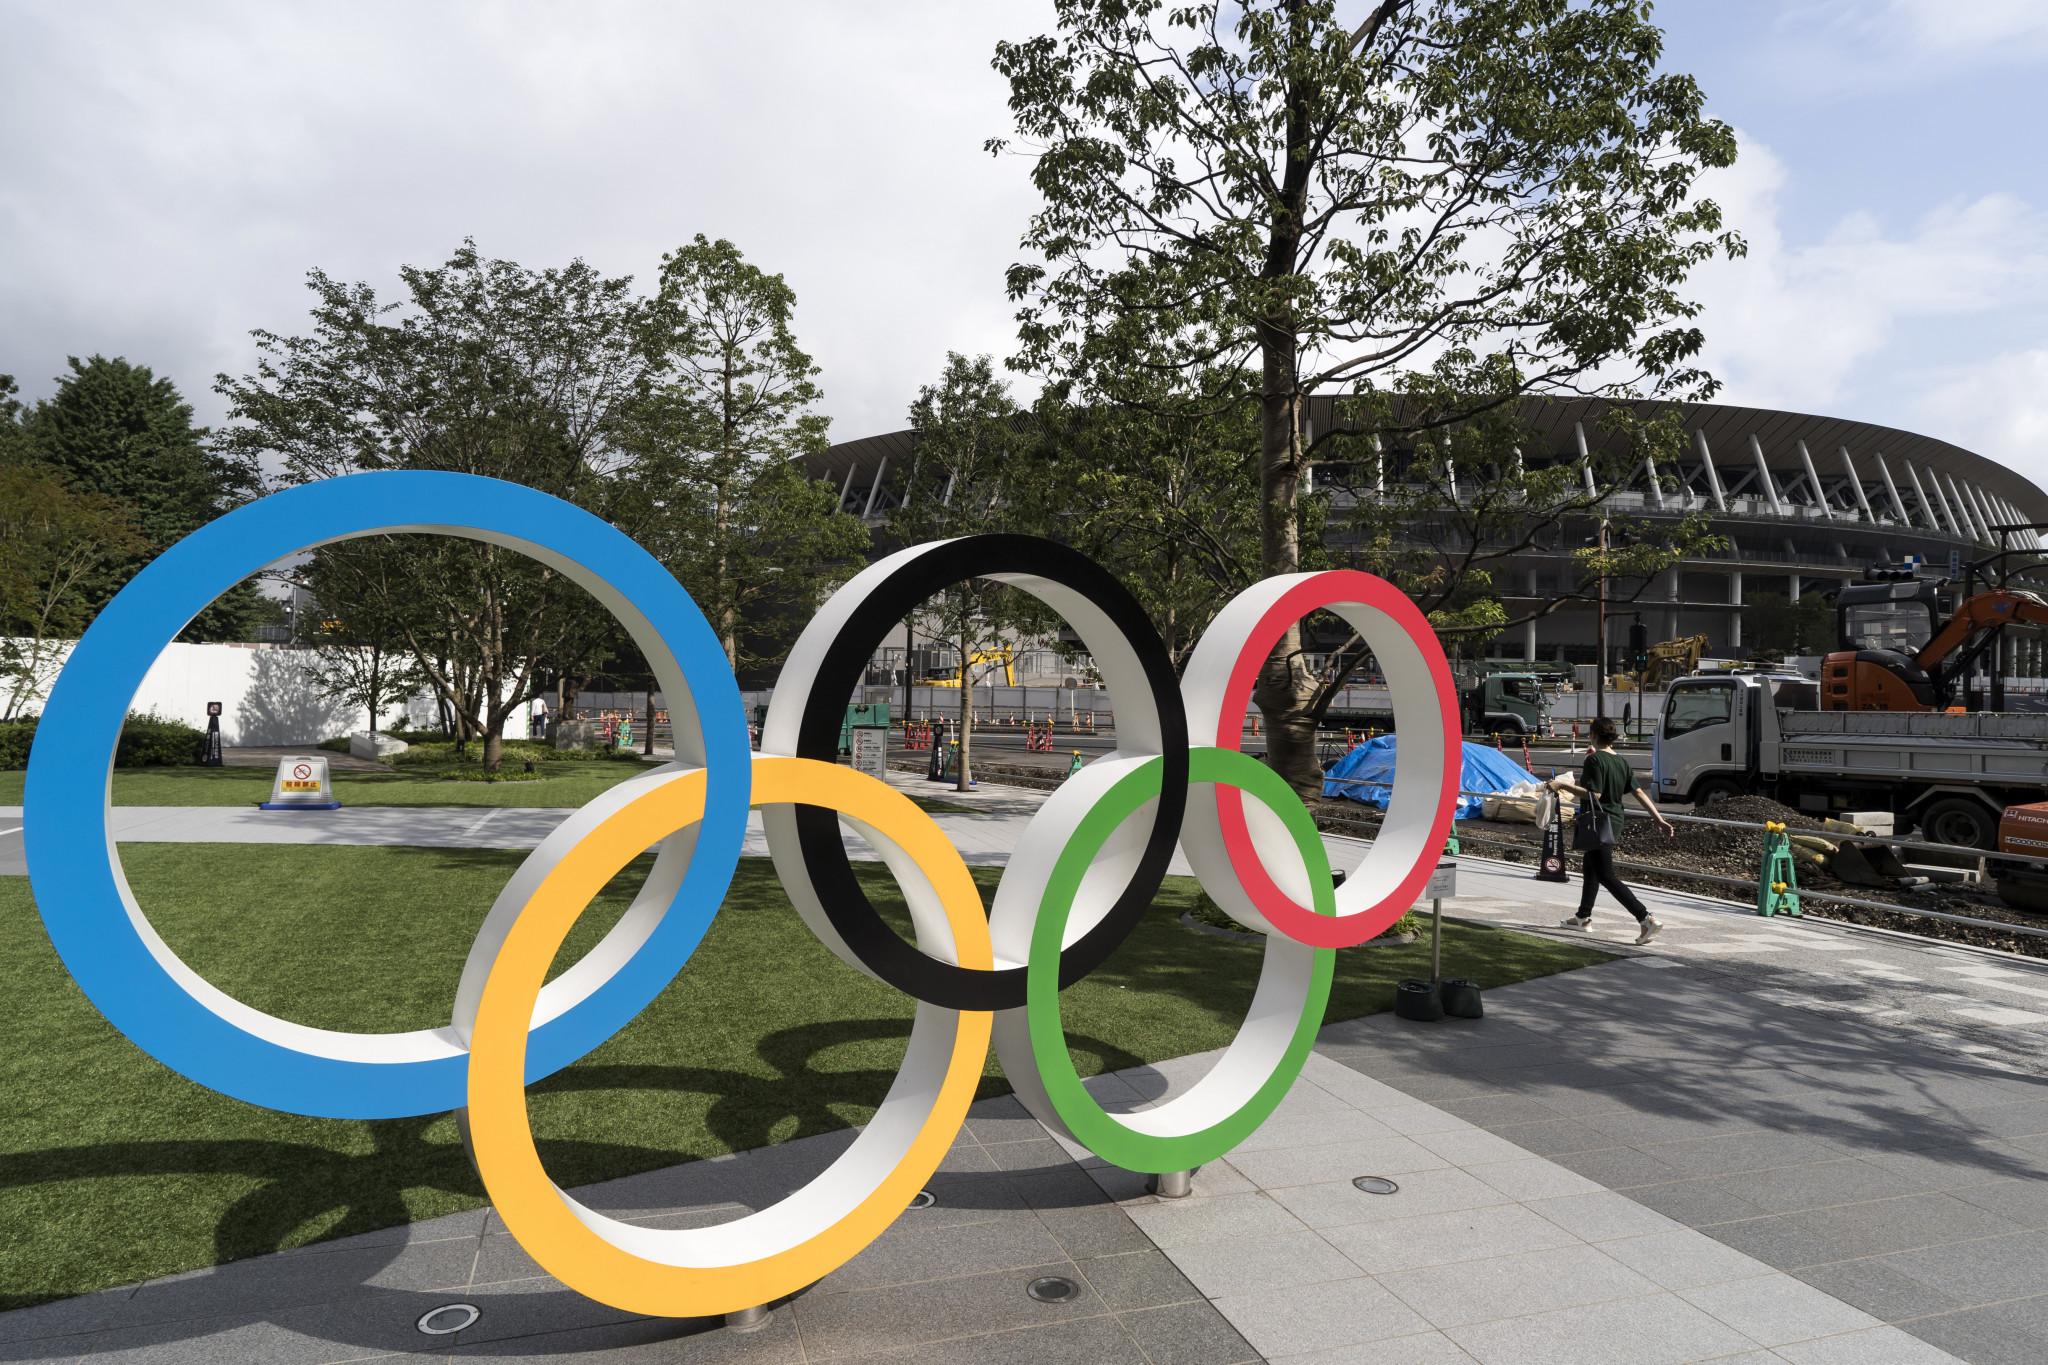 ثبت بیش از ۴.۵ میلیون بازید از سایت فروش بلیت بازیهای المپیک ۲۰۲۰